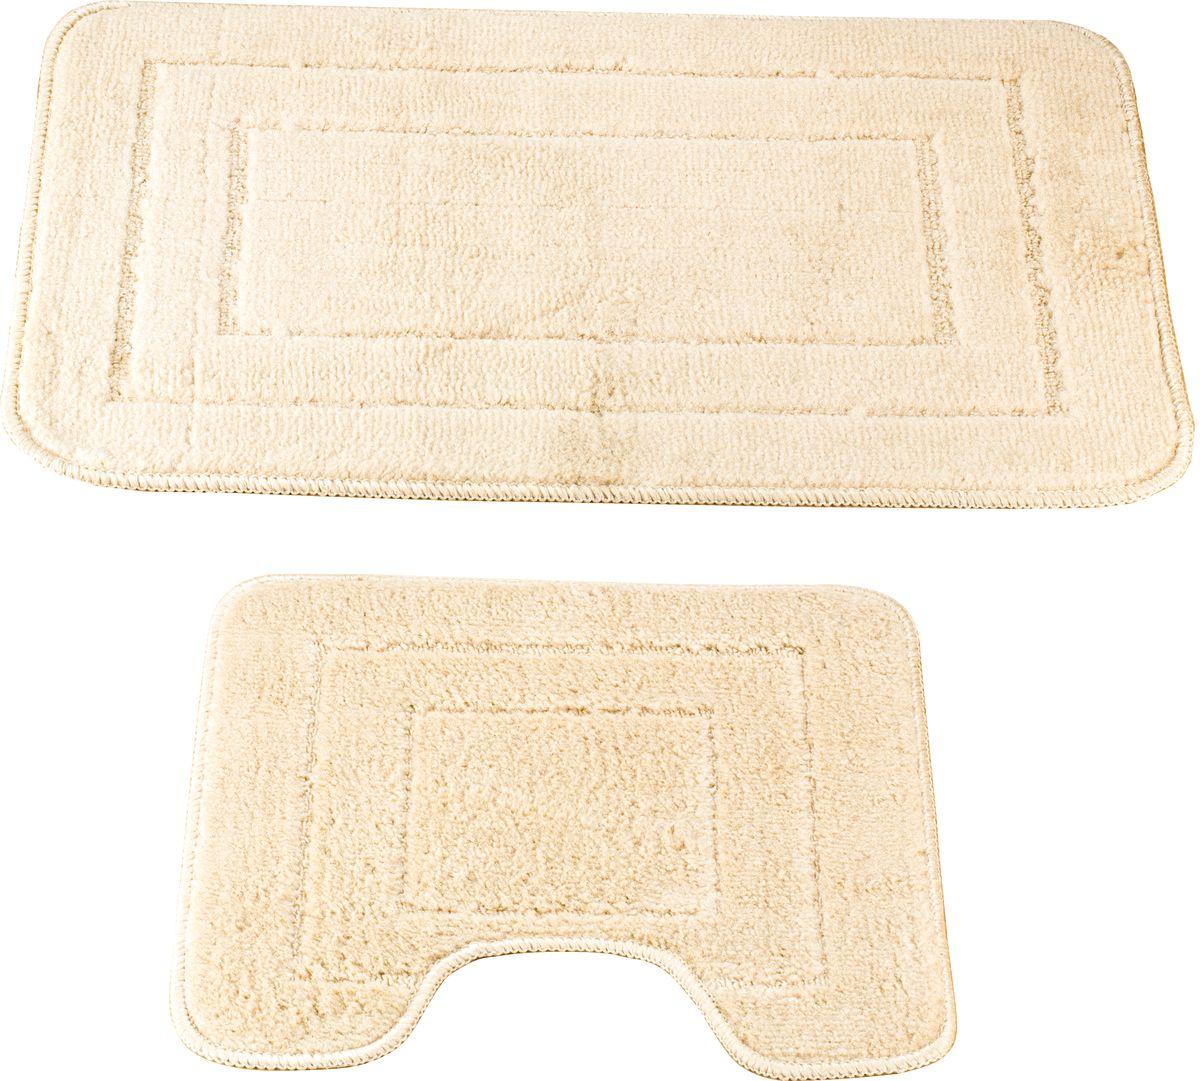 Набор ковриков для ванной Swensa Como, цвет: бежевый, 45 х 70 см, 45 х 45 см, 2 штSWMS-1030-BEIGEНабор ковриков для ванной Swensa Como — аксессуар для ванной комнаты, сочетающий отличные эксплуатационные характеристики с привлекательной расцветкой. Изделие выполнено из гипоаллергенного и износостойкого полипропиленового волокна. Рельефный ворс различной длины обеспечивает приятные тактильные ощущения и легкий массажный эффект. Края обработаны оверлоком, что предохраняет коврик от разлохмачивания и деформации. Рекомендована деликатная машинная стирка.